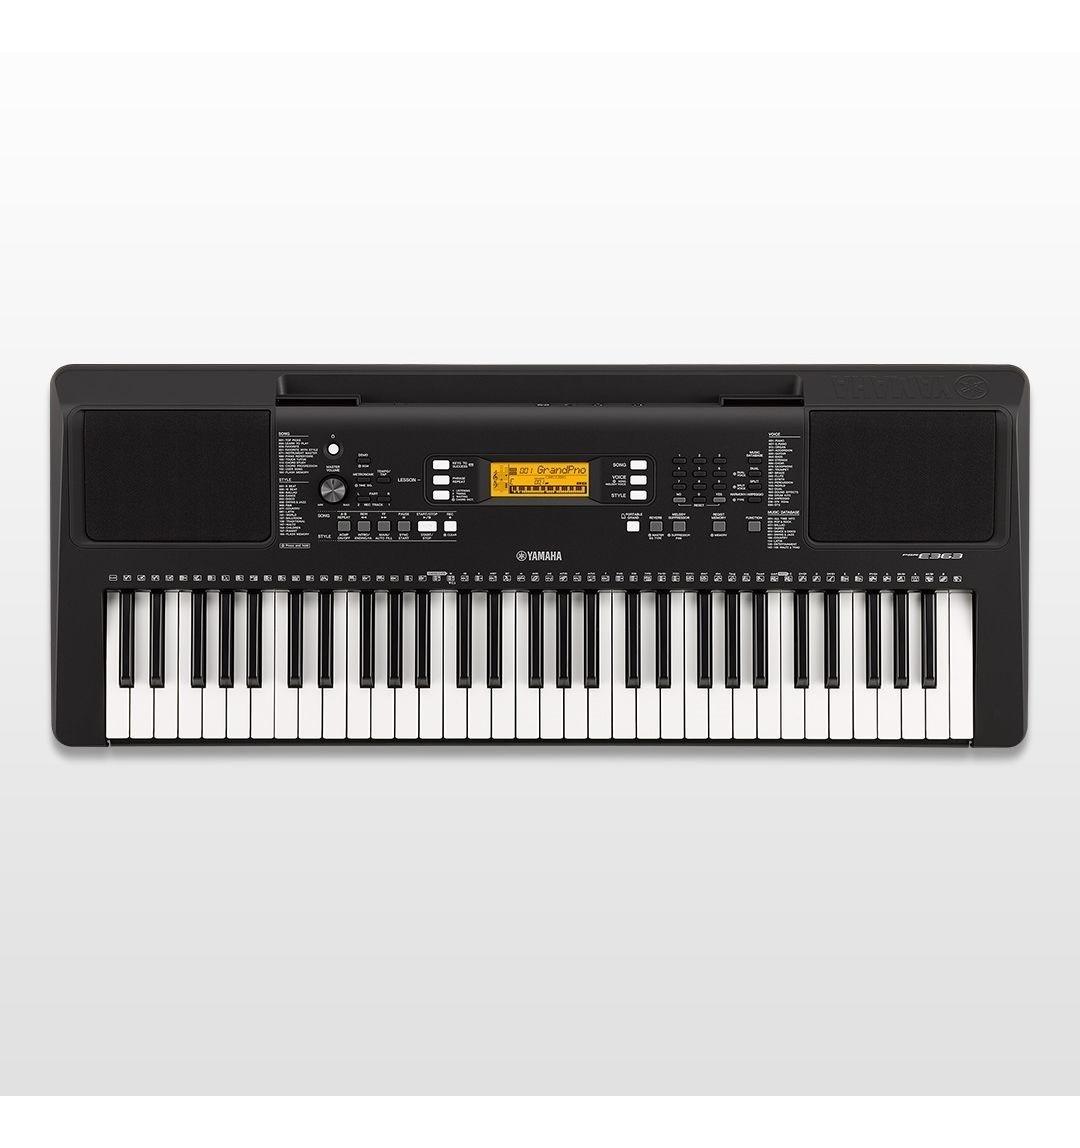 Teclado Yamaha Psr F51 61 Teclas 120 Estilos 100 Voces